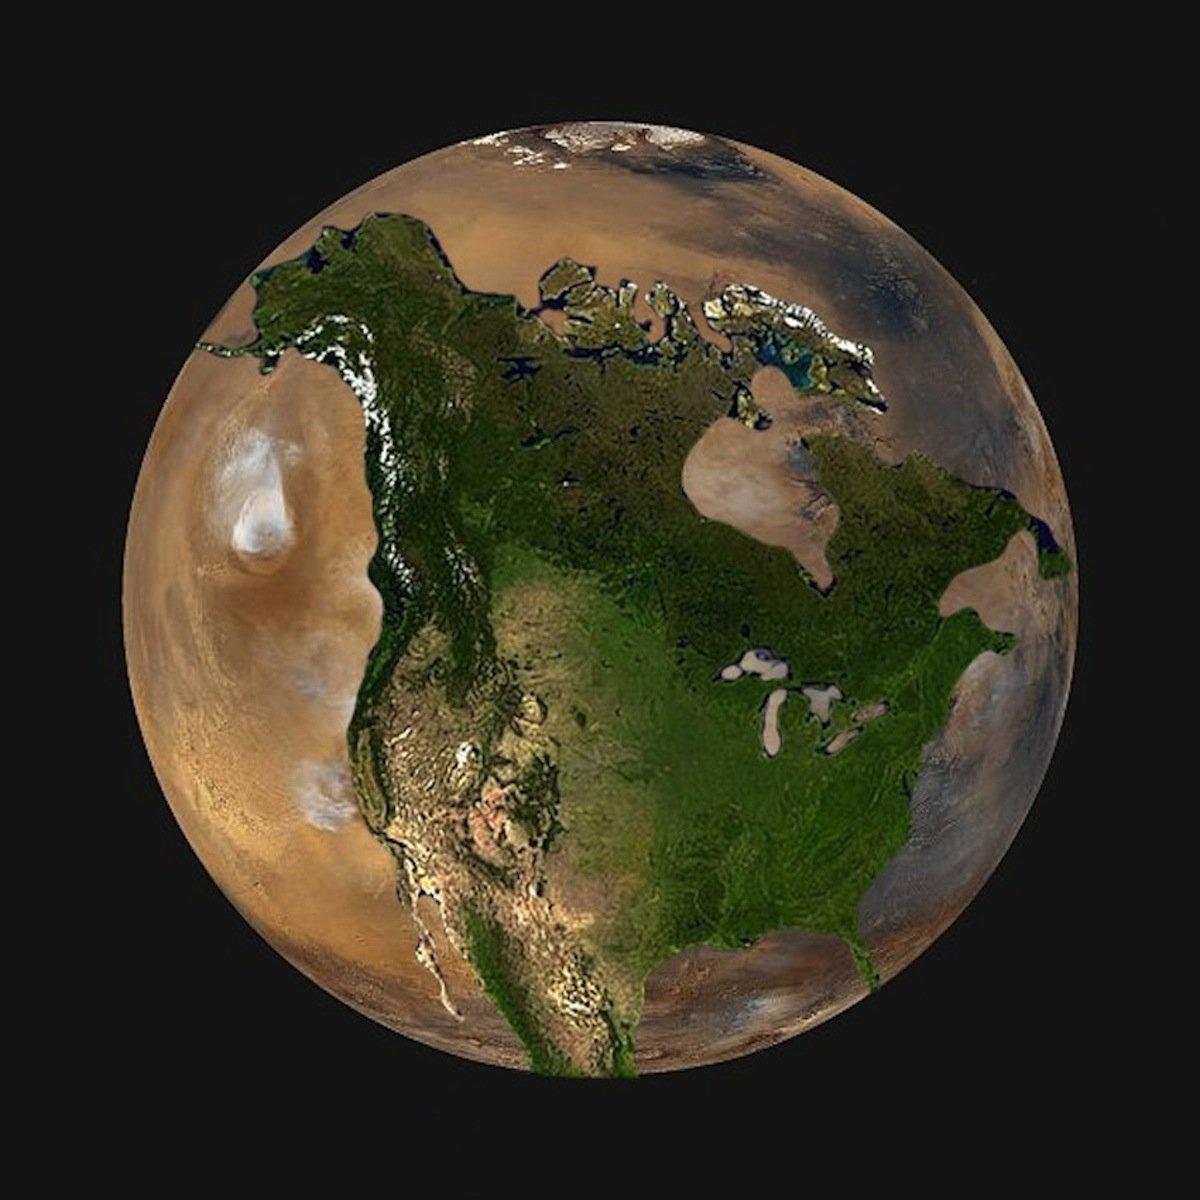 Марс може да стане вториот дом на човештвото, но црвената планета е само малку поголема од половина од Земјата. Северна Америка едвај може да ја собере на една од хемисферите на Марс.